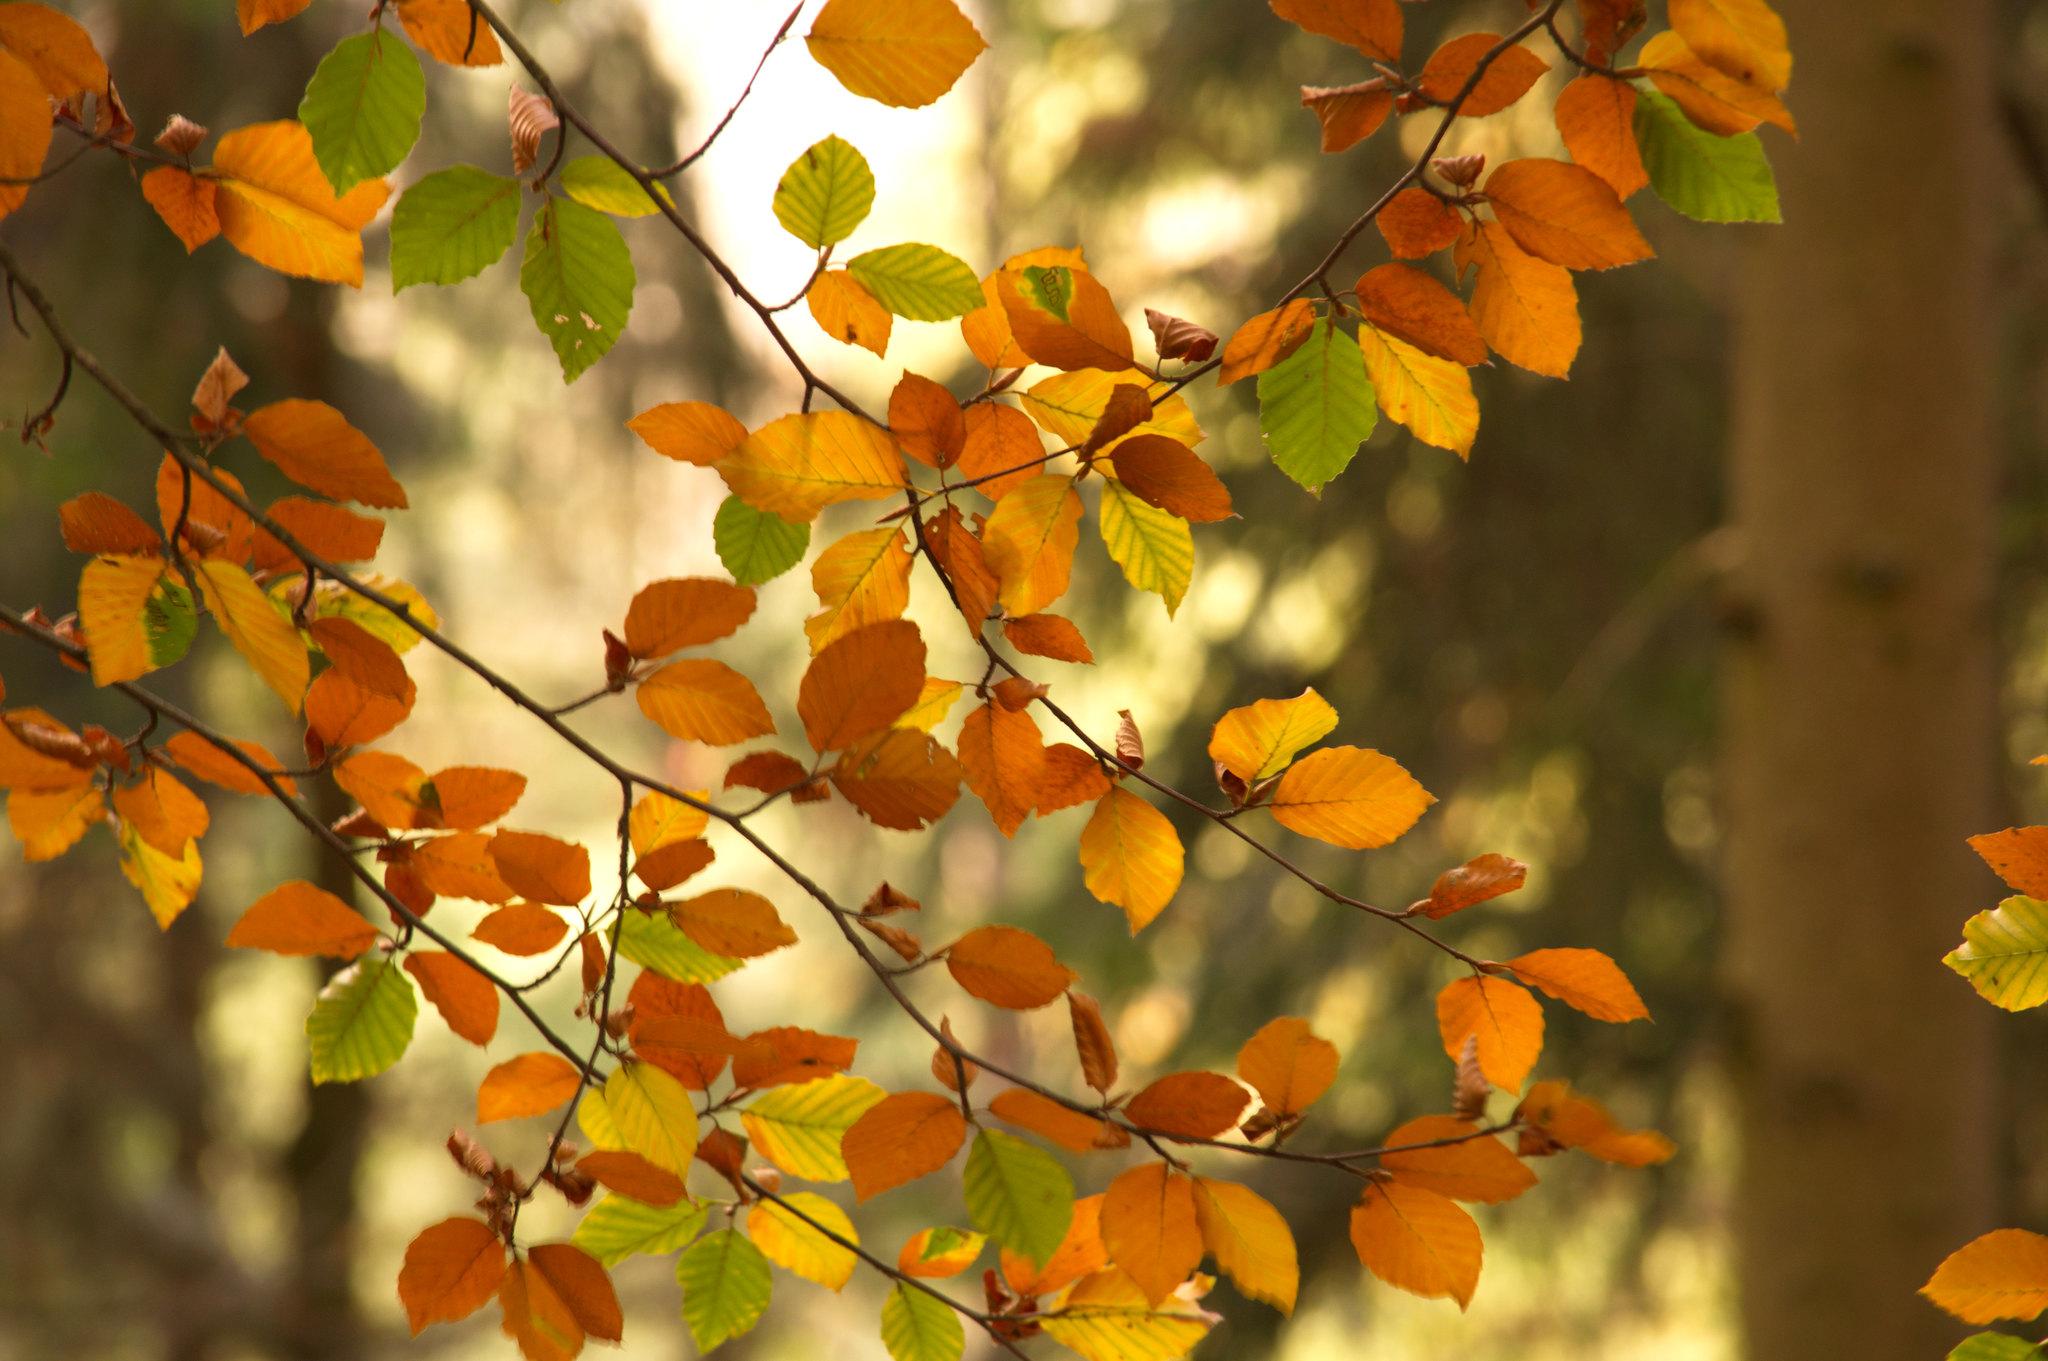 131548 скачать обои Природа, Ветки, Осень, Листья, Дерево - заставки и картинки бесплатно